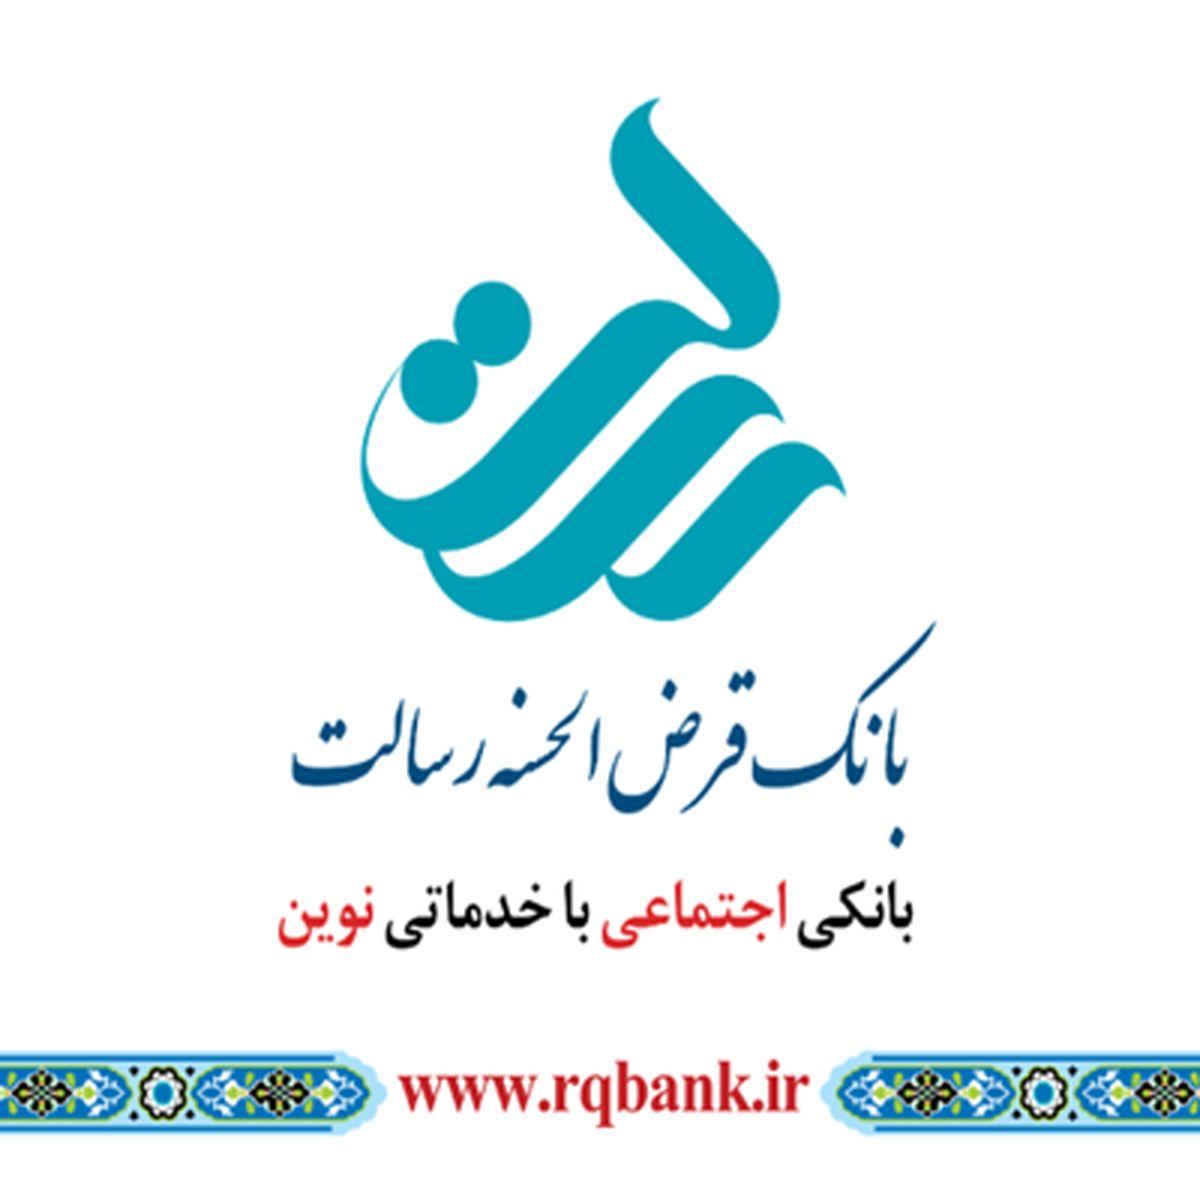 برگزاری نوبت دوم مجمع عمومی عادی بانک قرض الحسنه رسالت